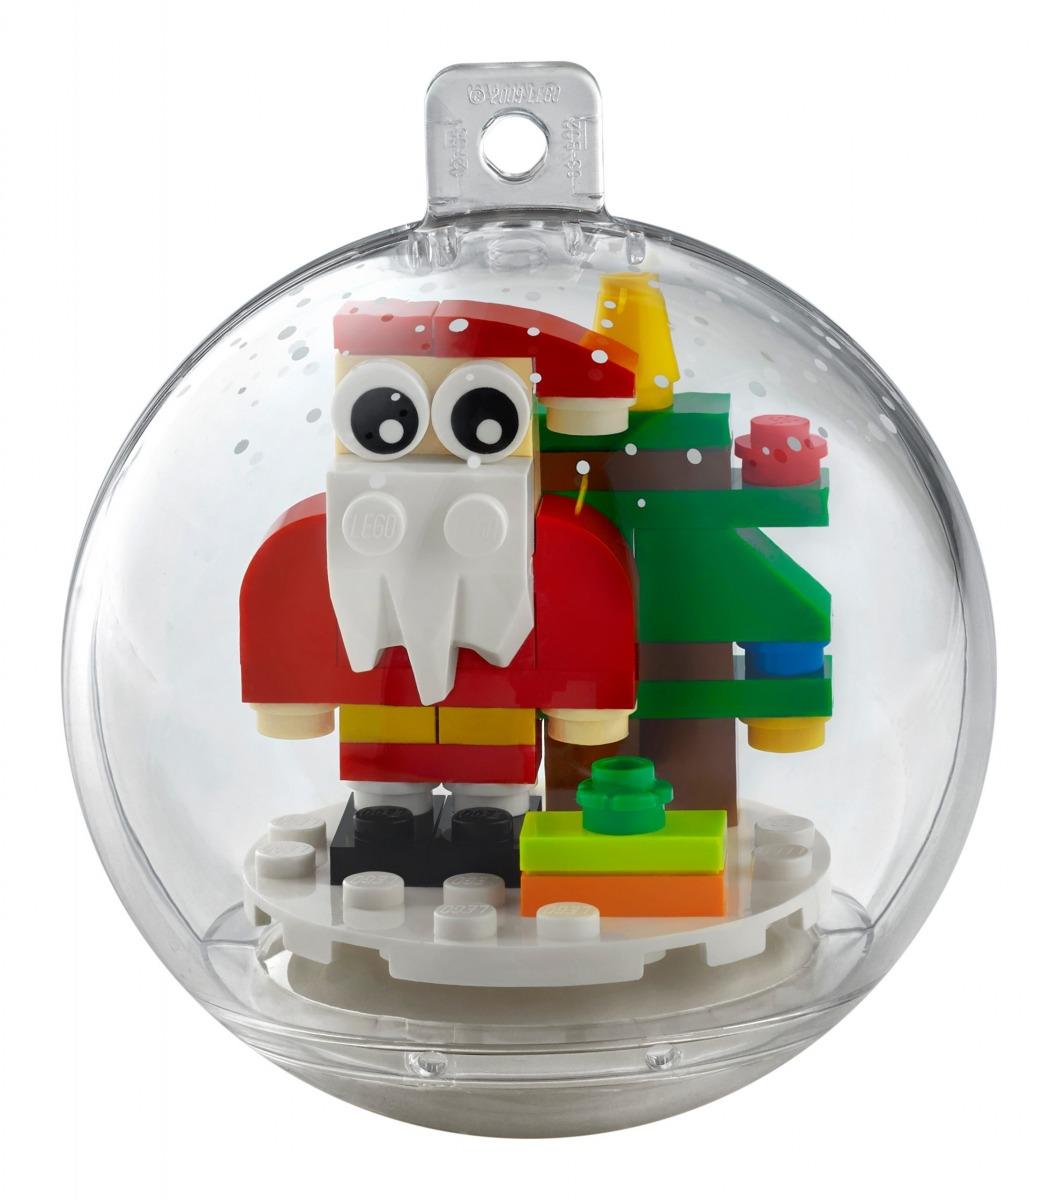 lego 854037 christbaumkugel mit weihnachtsmann scaled